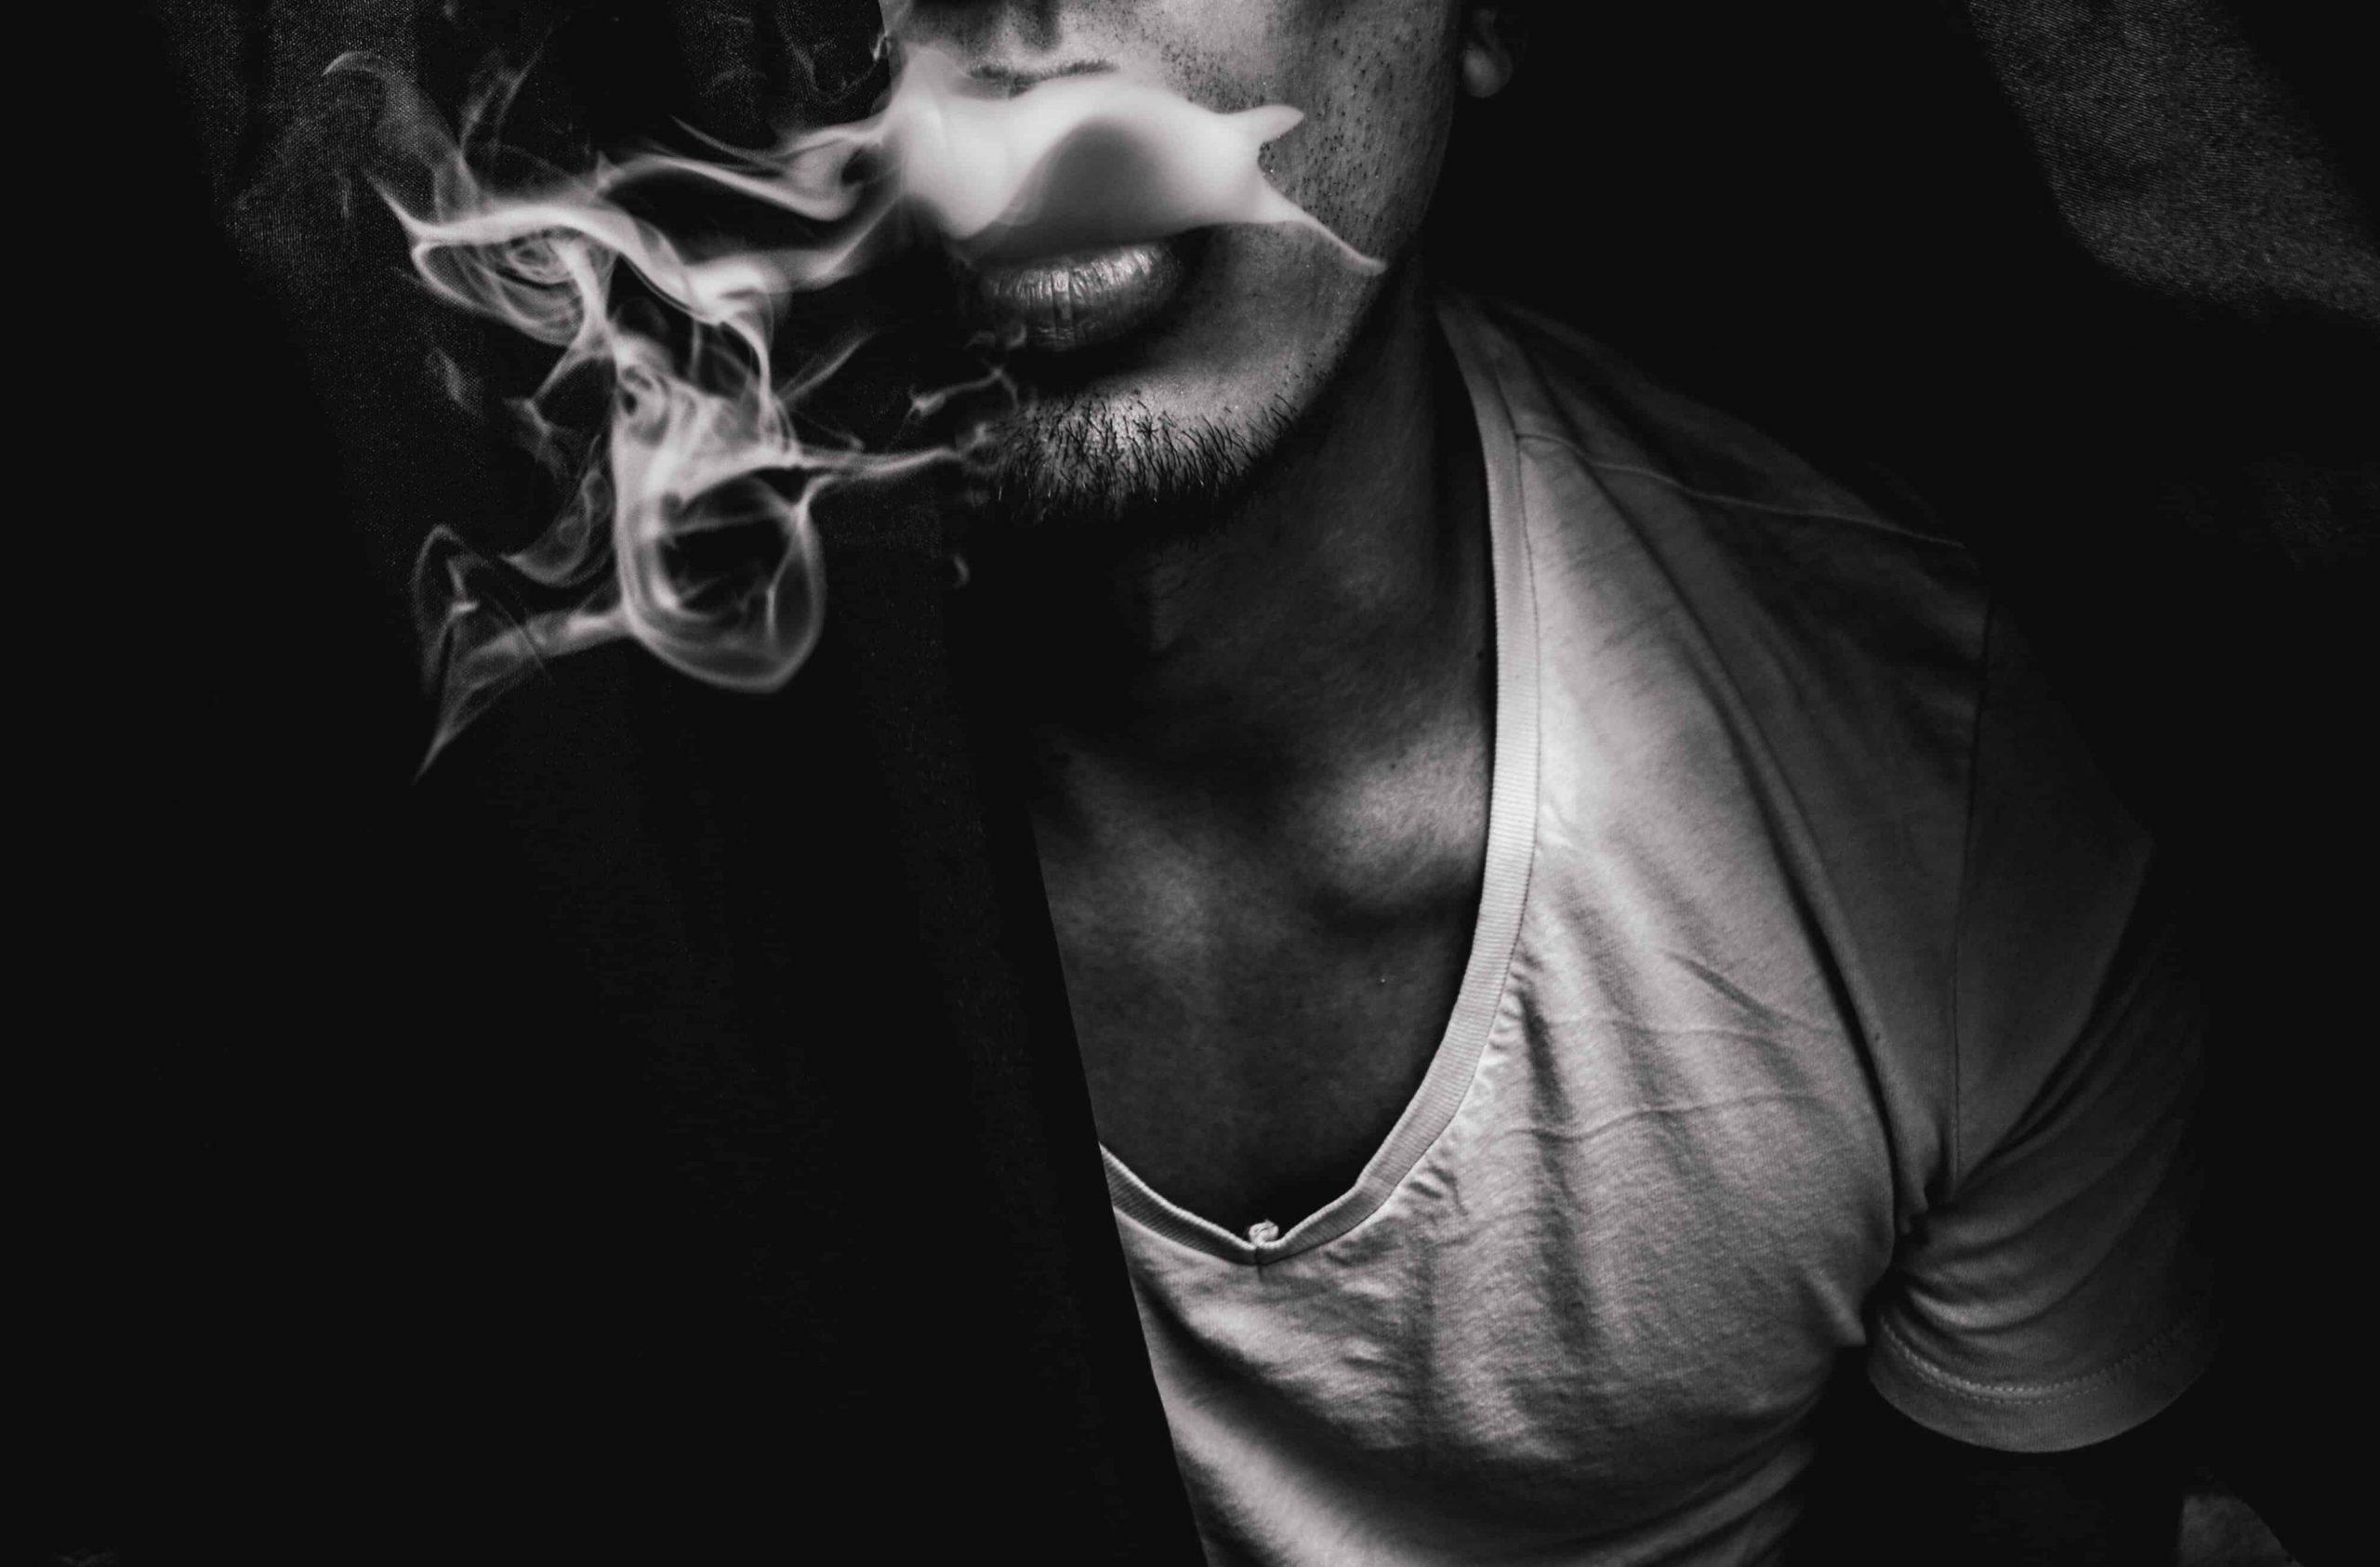 man exhaling smoke from his thc vape pen